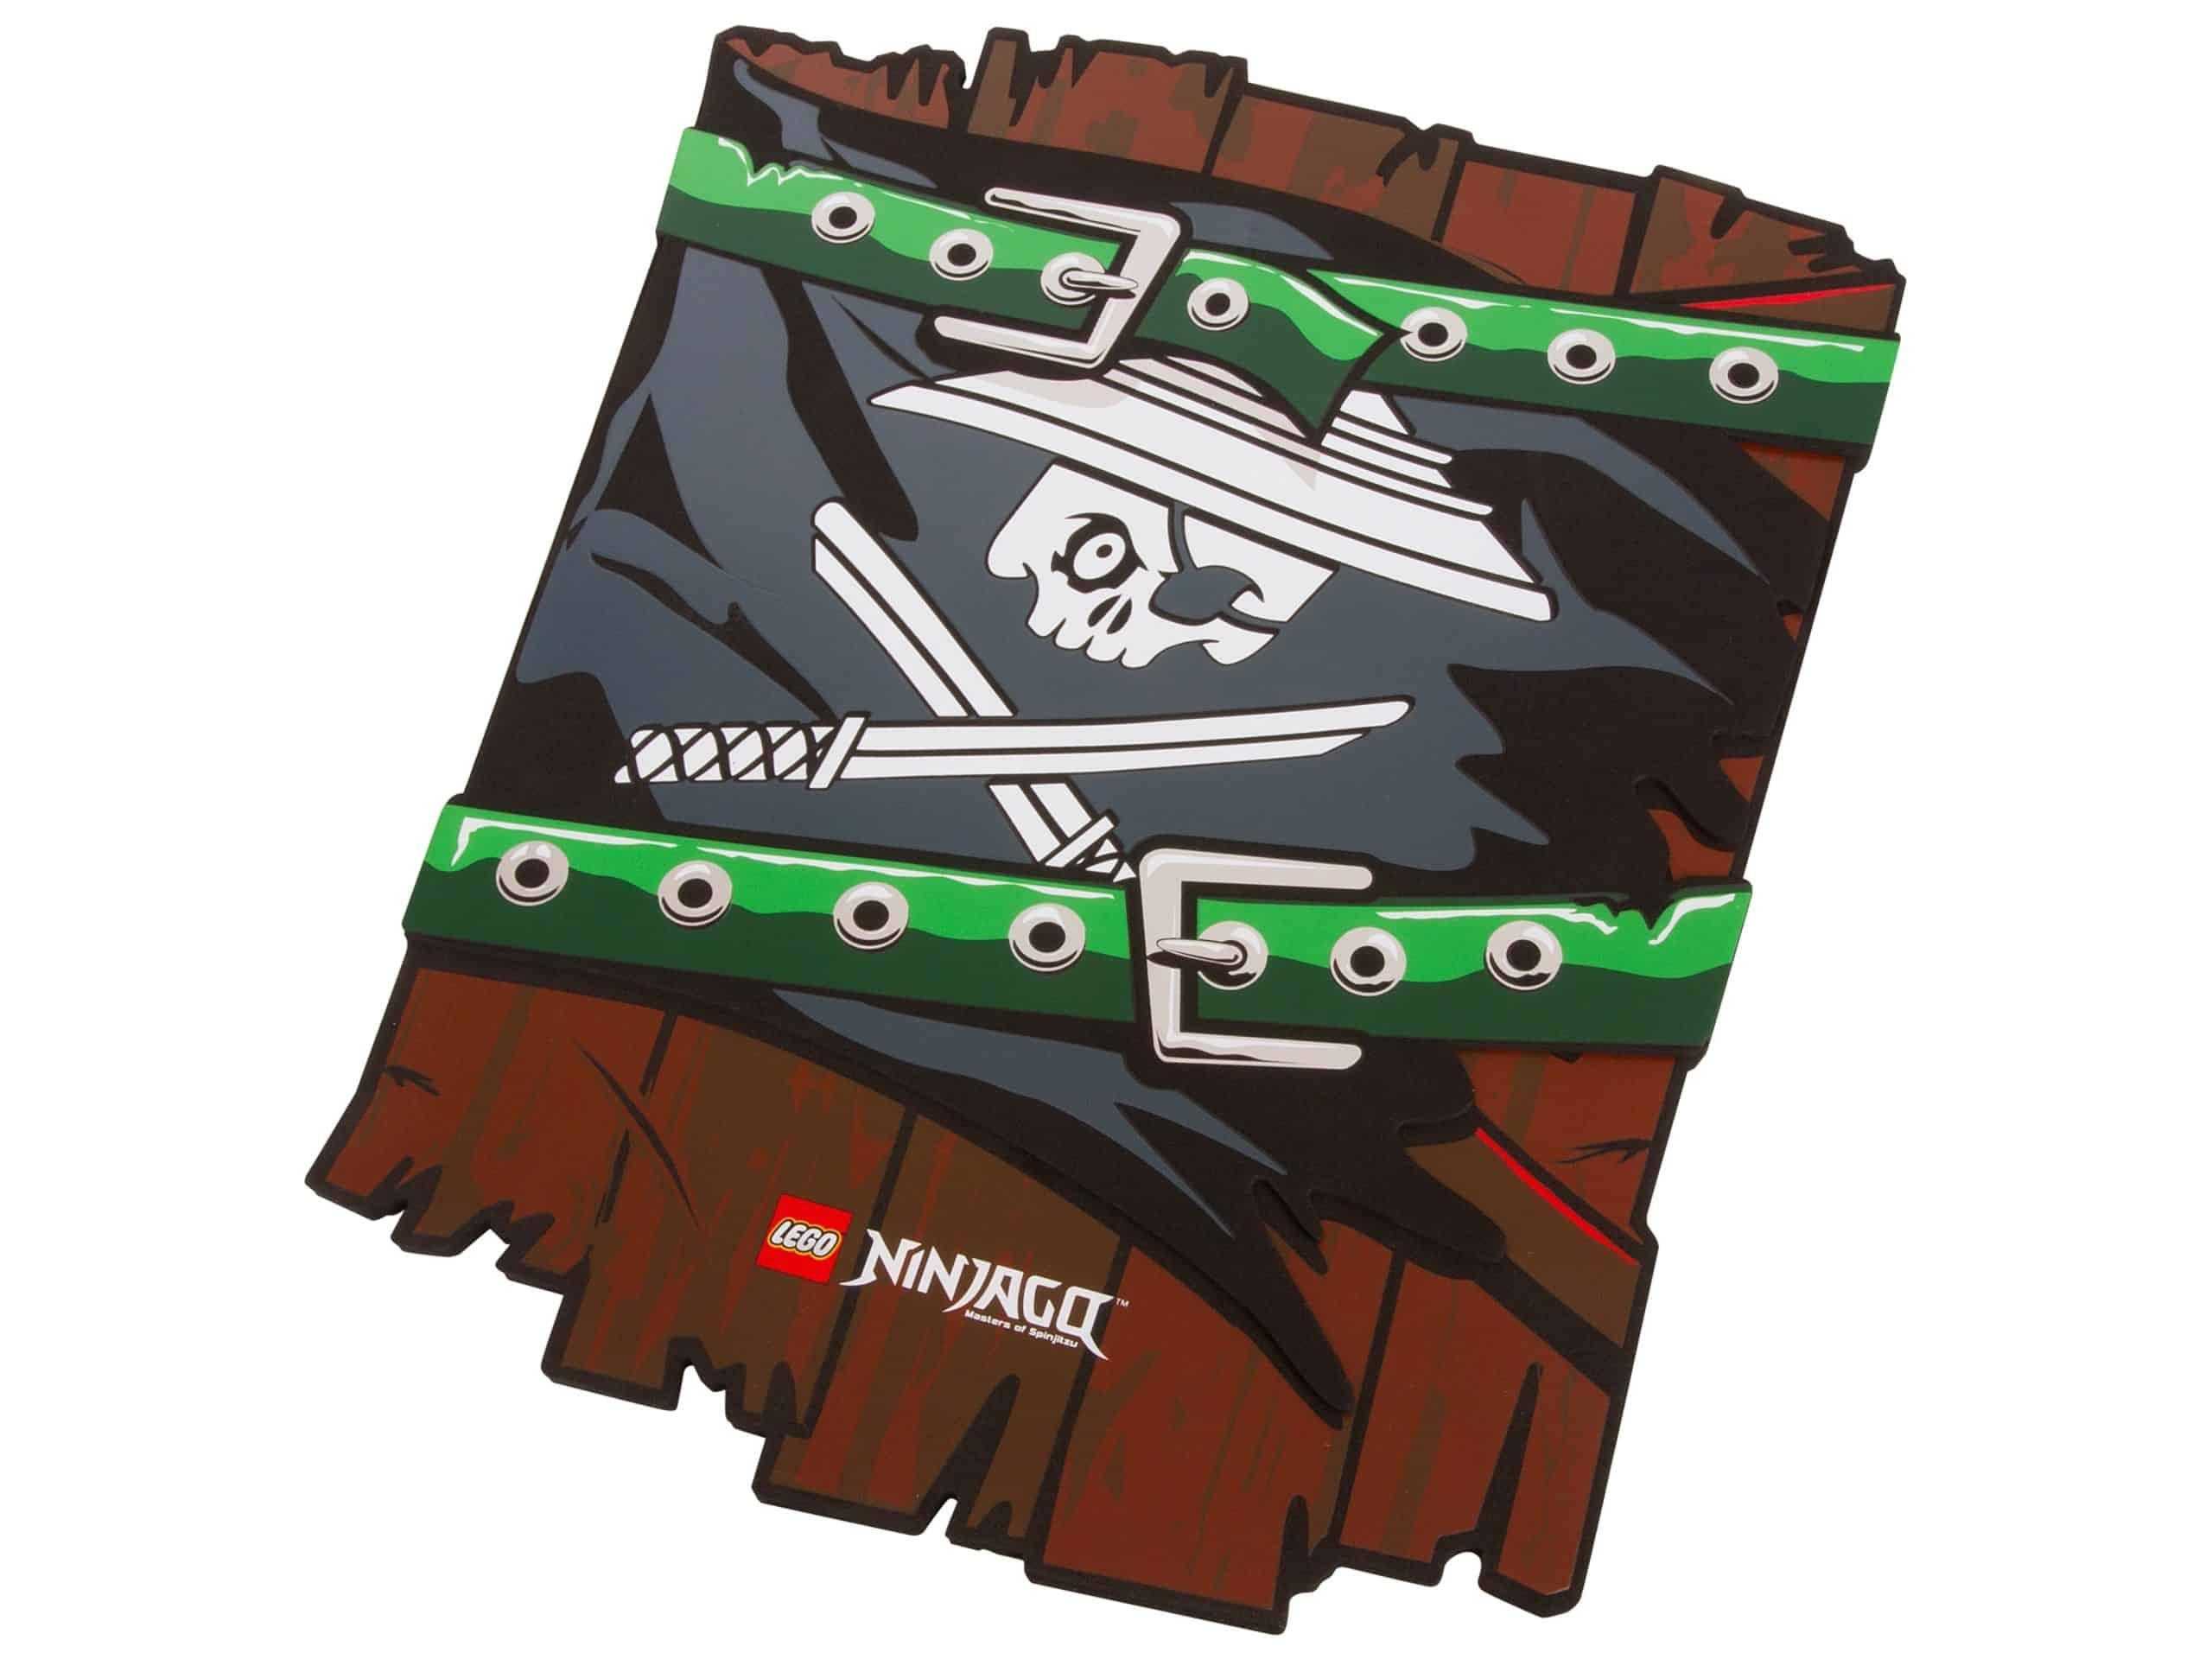 lego 853530 ninjago skybound skjold scaled